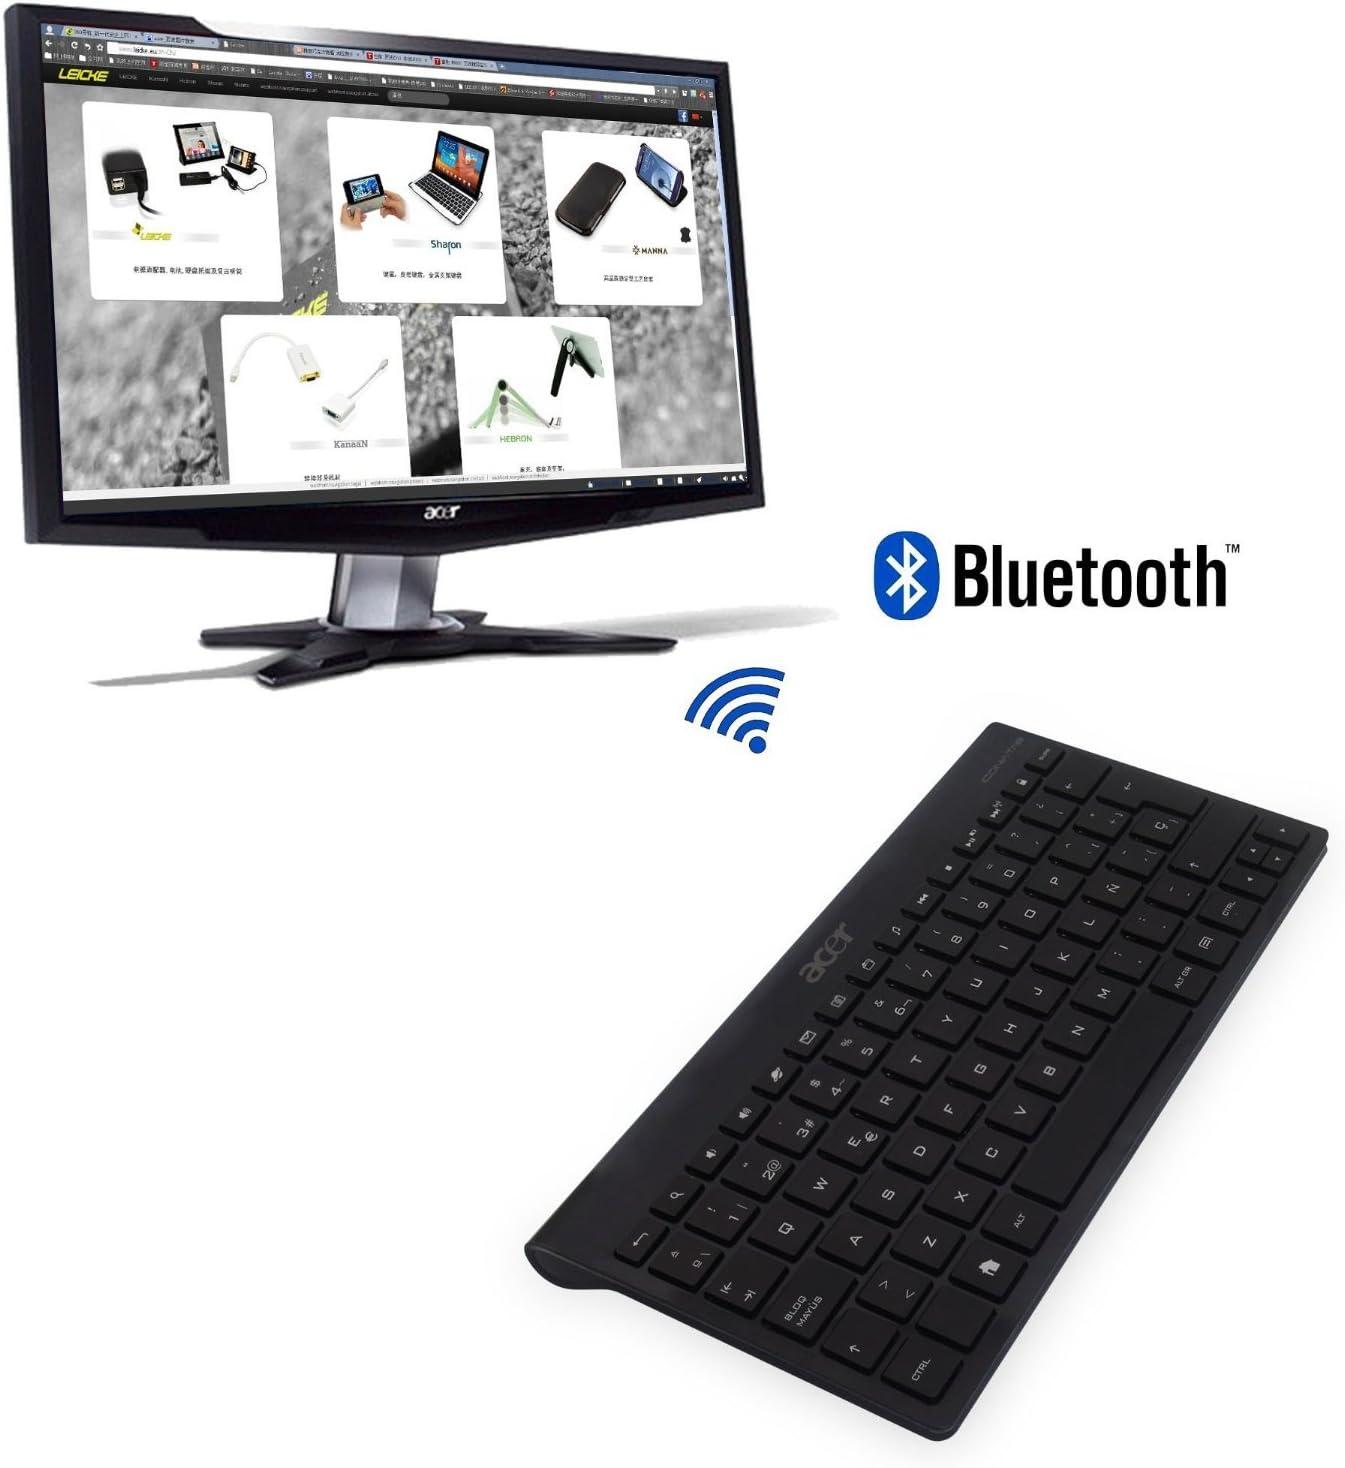 Teclado Bluetooth ESPAÑOL KT-1082 para ACER ICONIA Tab A100 A200 A500 A700 W510 W511 W700 Google Nexus 4 7 10 Sony Xperia Z